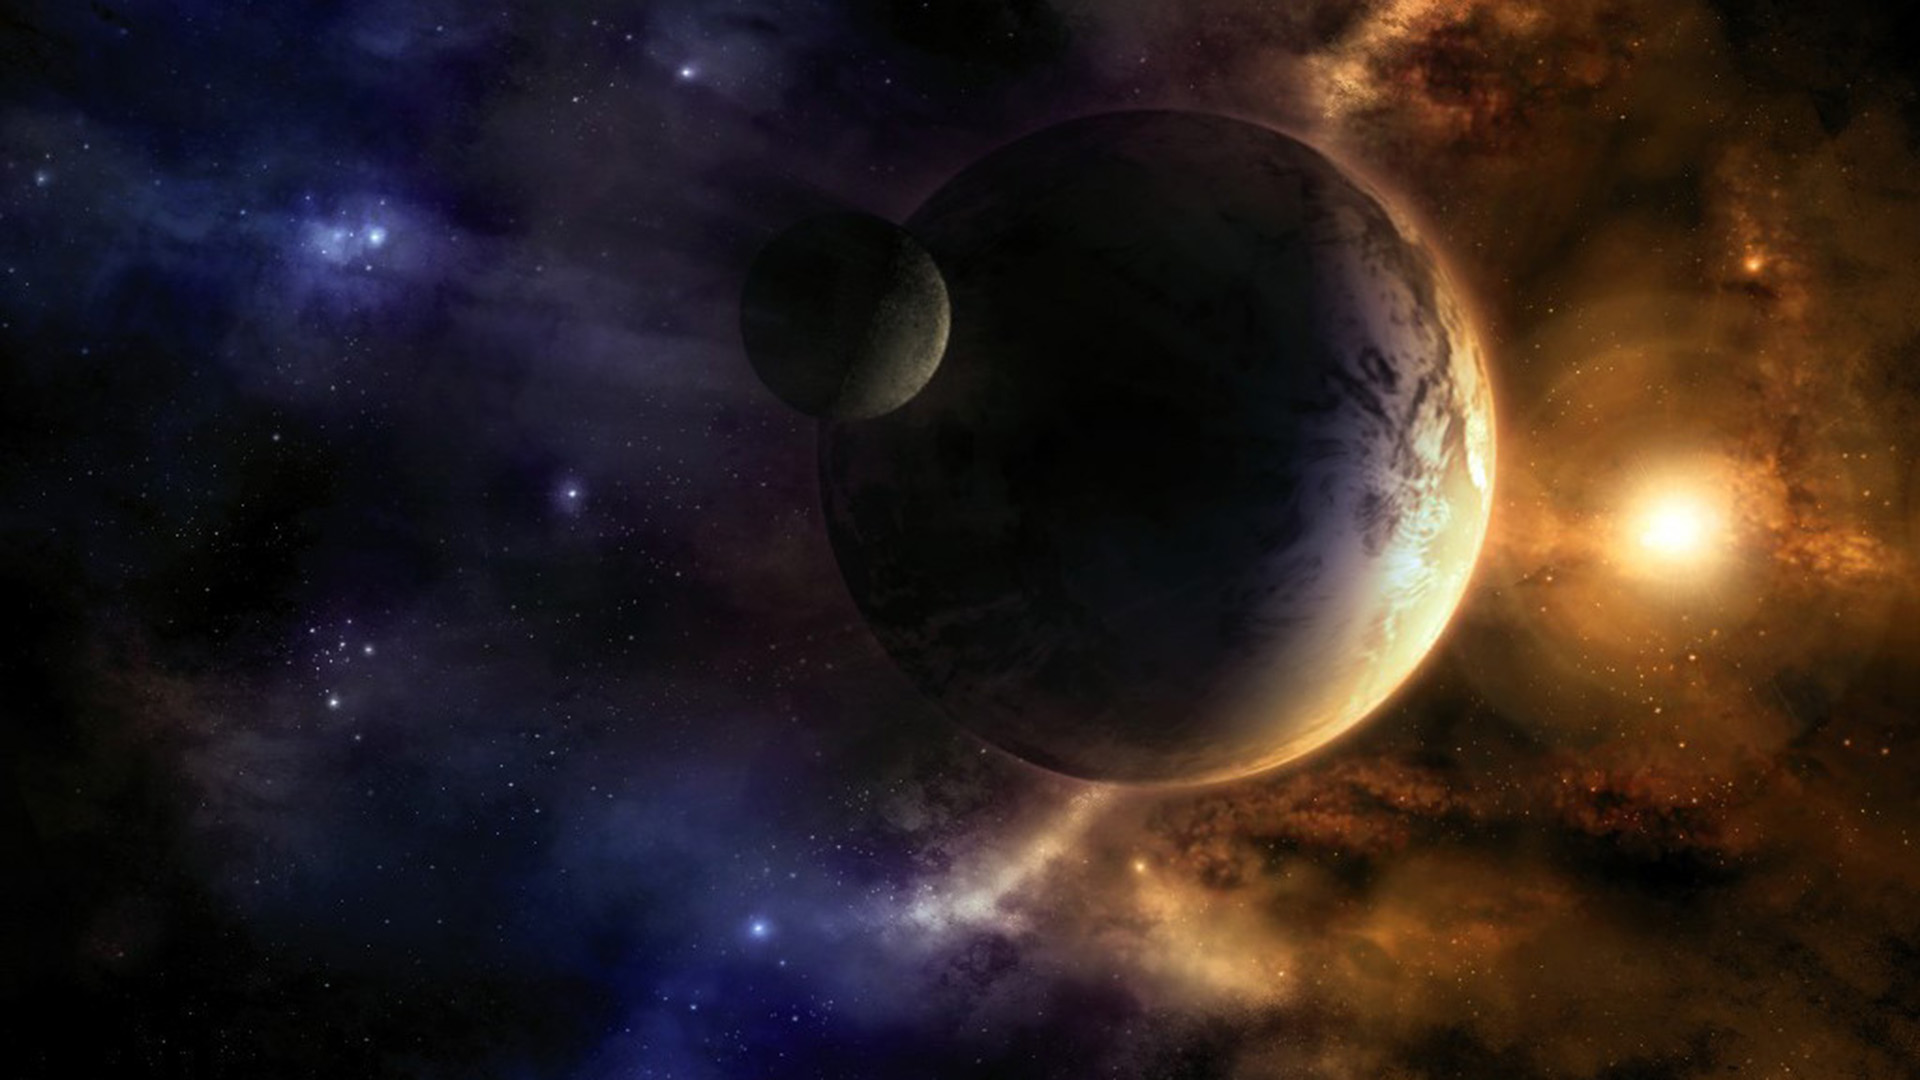 Doutoramento em Astronomia | Vasco Ferreira | 16 de dezembro | 14:30